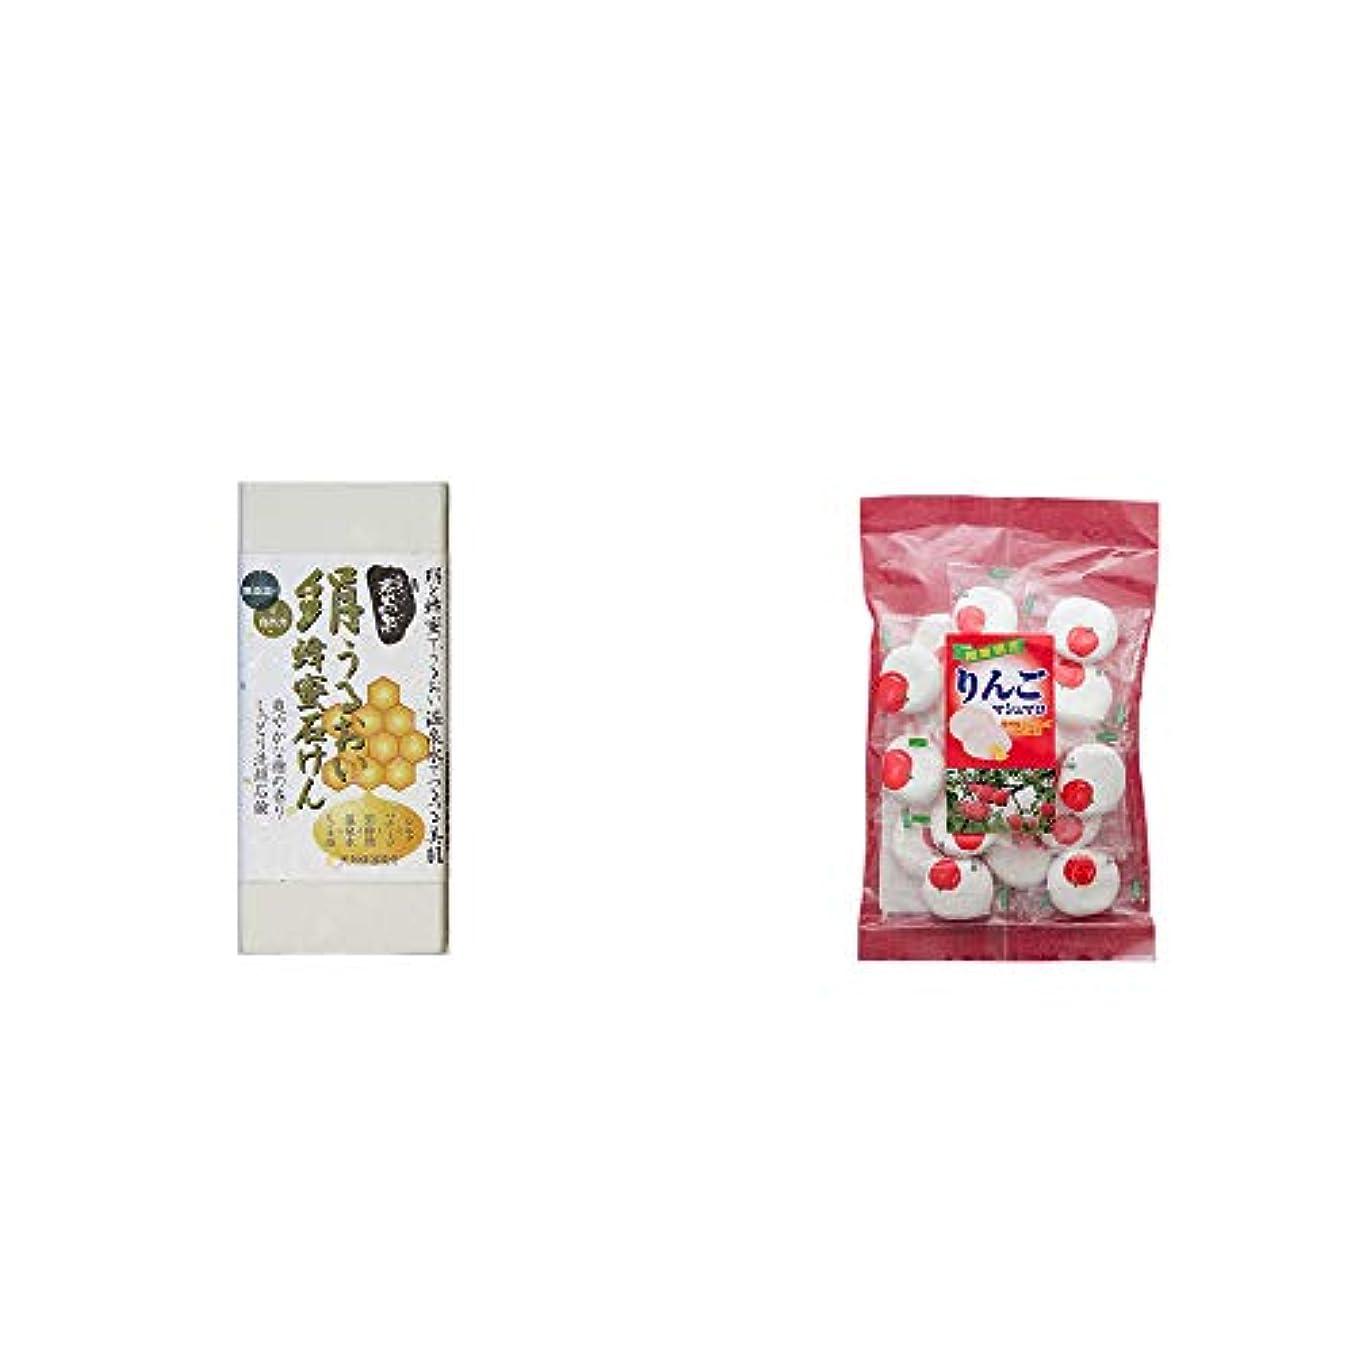 猫背作り上げる根絶する[2点セット] ひのき炭黒泉 絹うるおい蜂蜜石けん(75g×2)?信州りんご100%使用 りんごマシュマロ(110g)